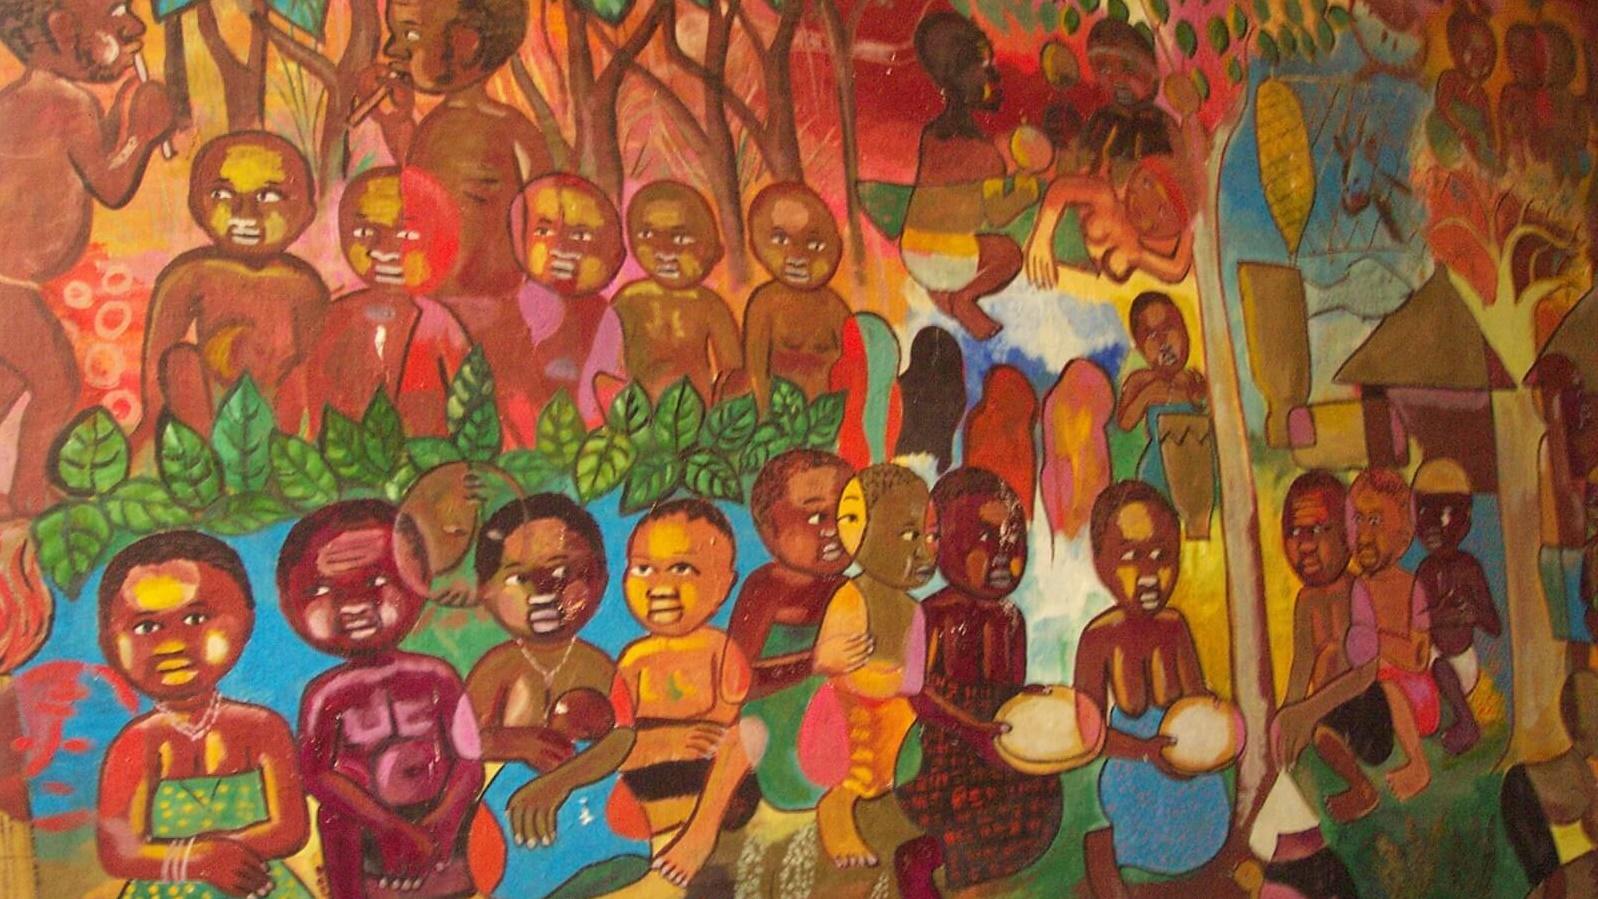 Centro de Investigação da Cultura Macua Xirima, arte Macua, pintura de Luis Prisciliano